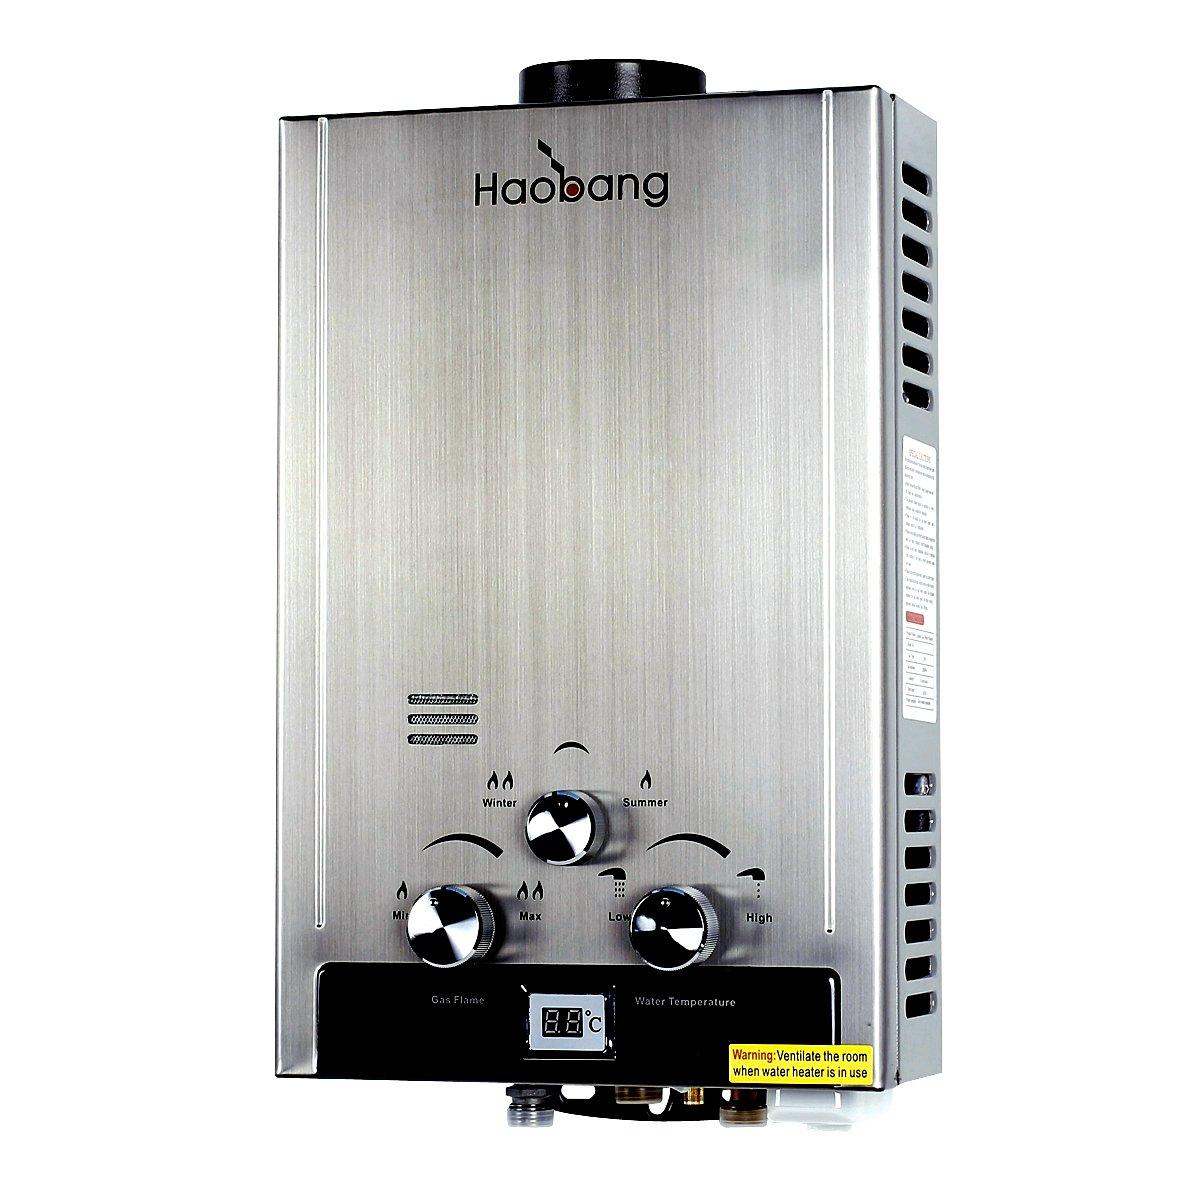 HB Chauffe-eau sans ré servoir Gaz modulant technologie breveté e JSD12-S01 (NG) mé thane